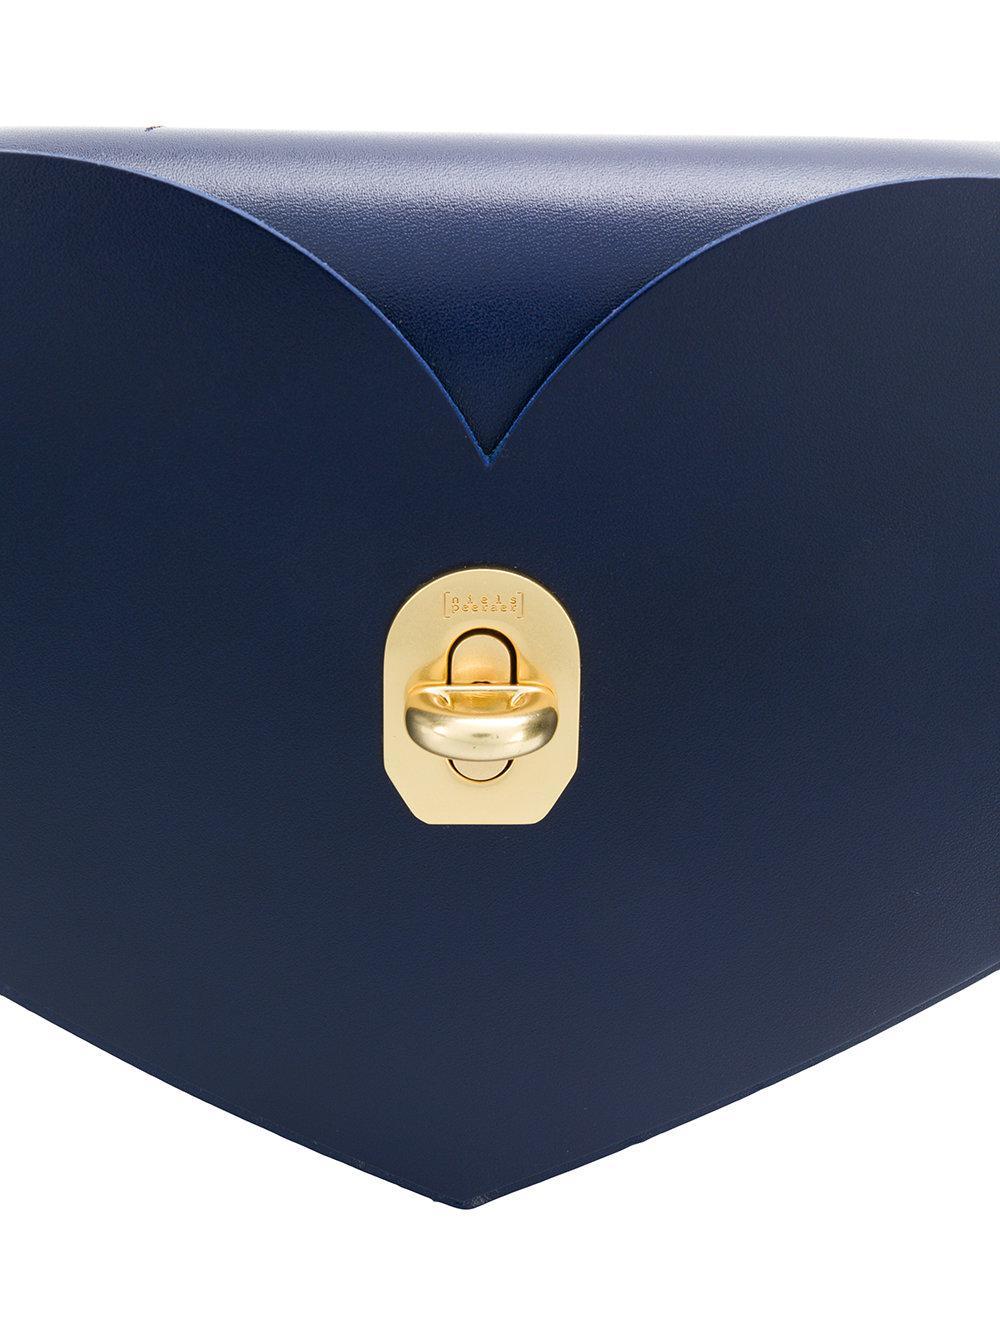 Niels Peeraer Leather Heart Crossbody Bag in Blue